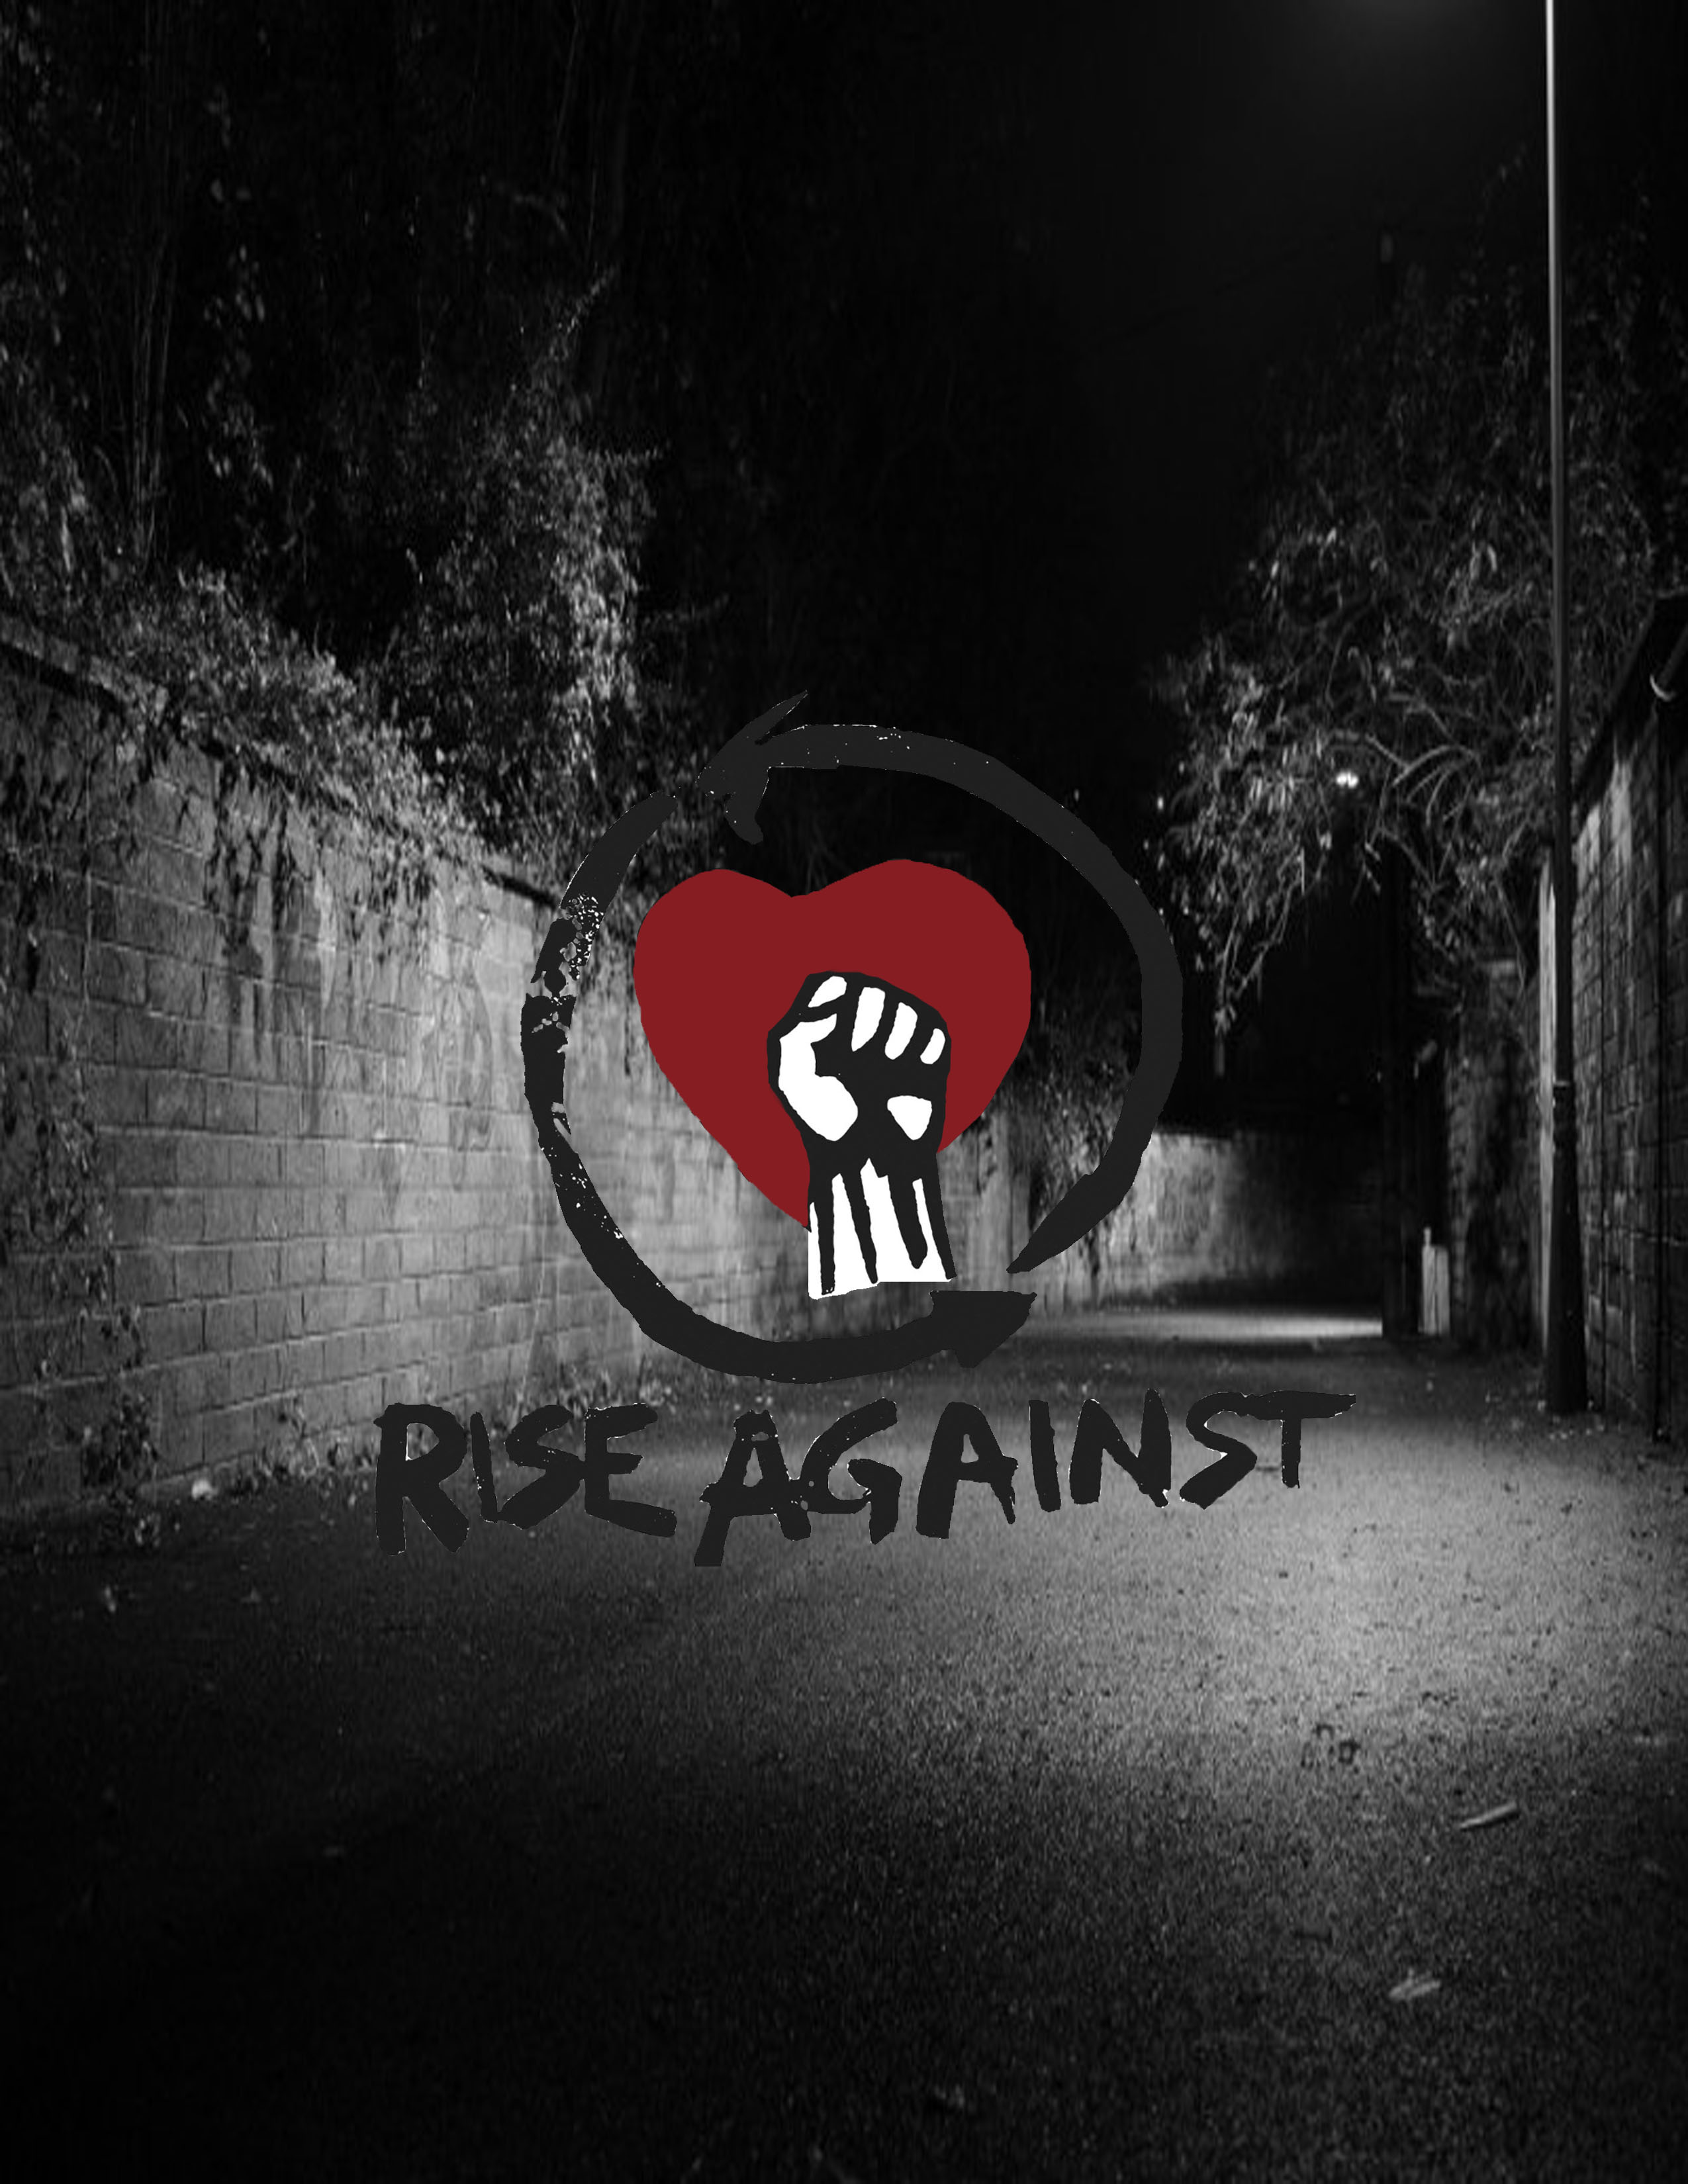 Rise against emblem